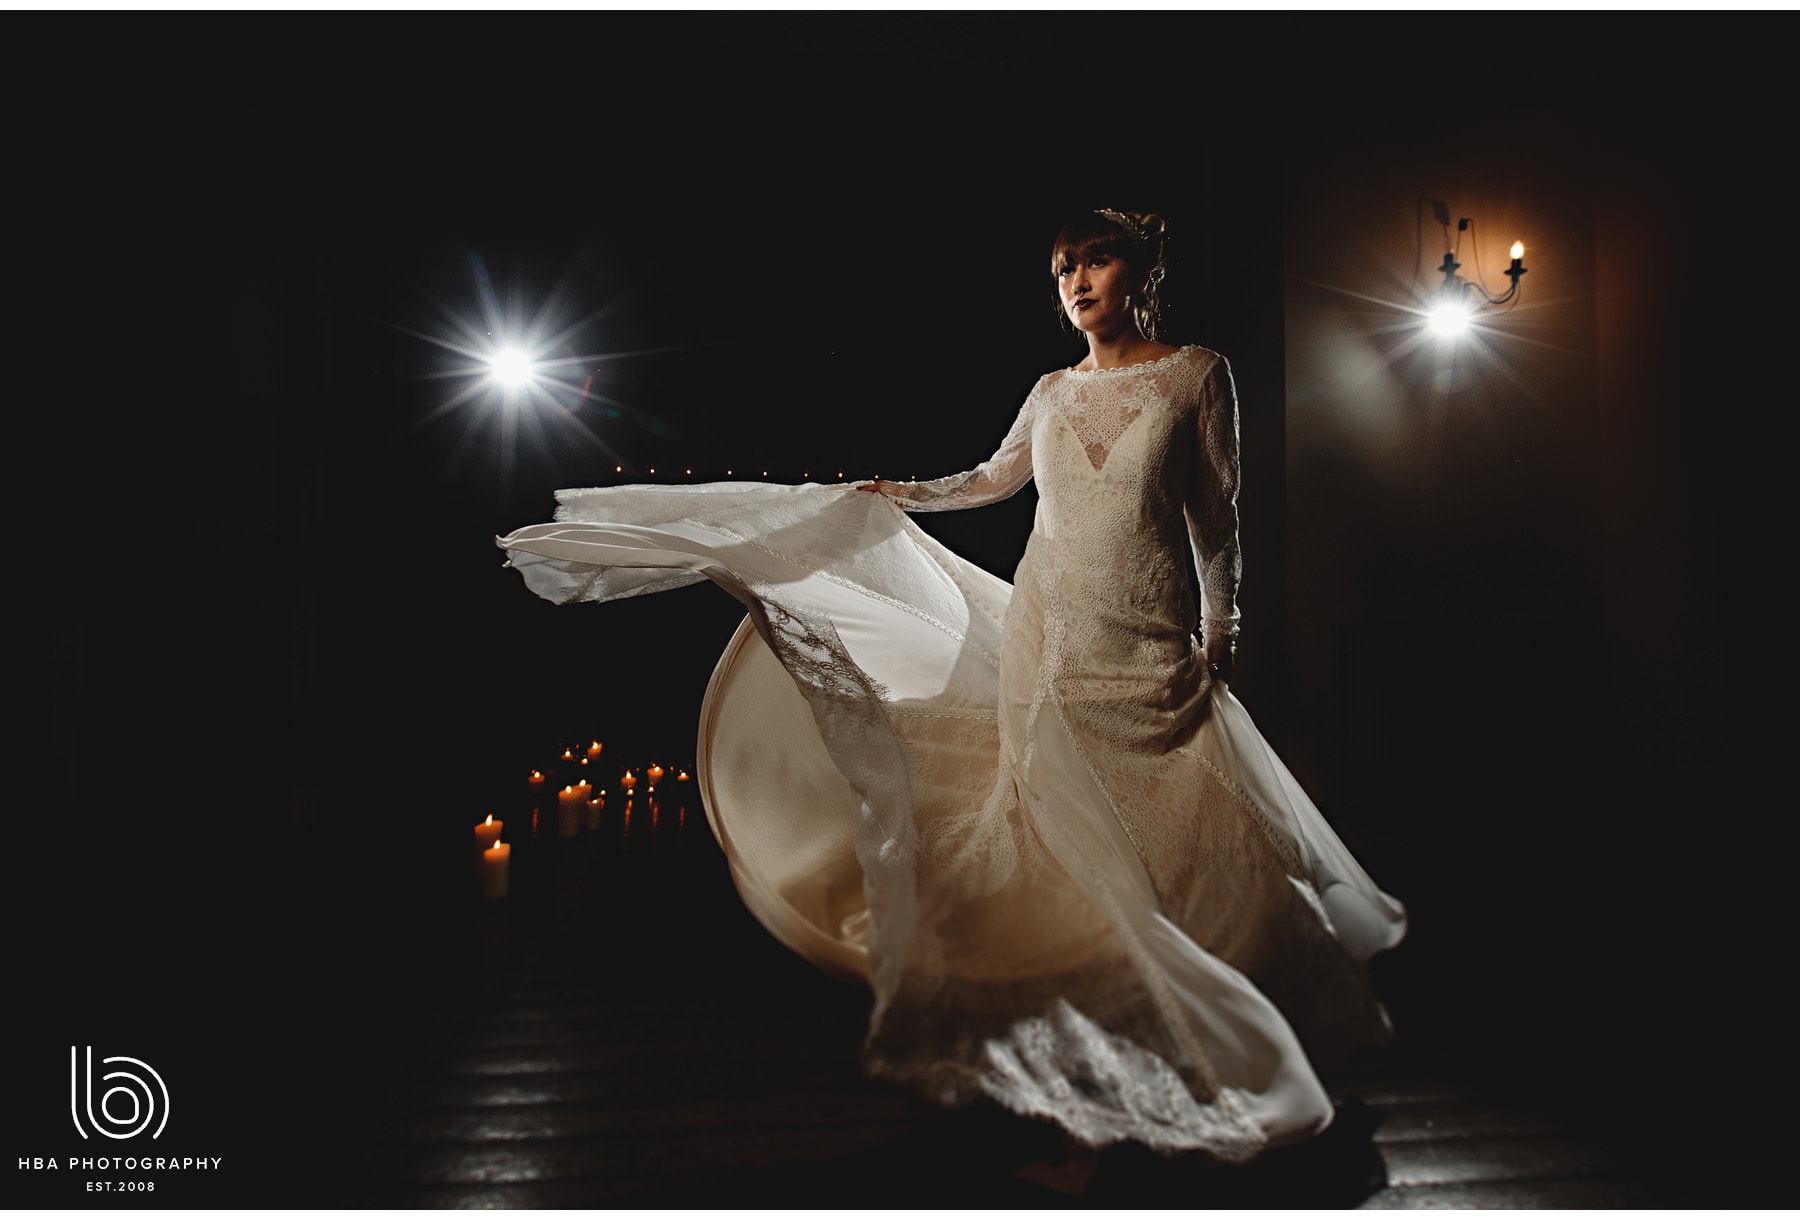 Yeldersley_Hall_Wedding_Venue_Alternative_Wedding_Photography_